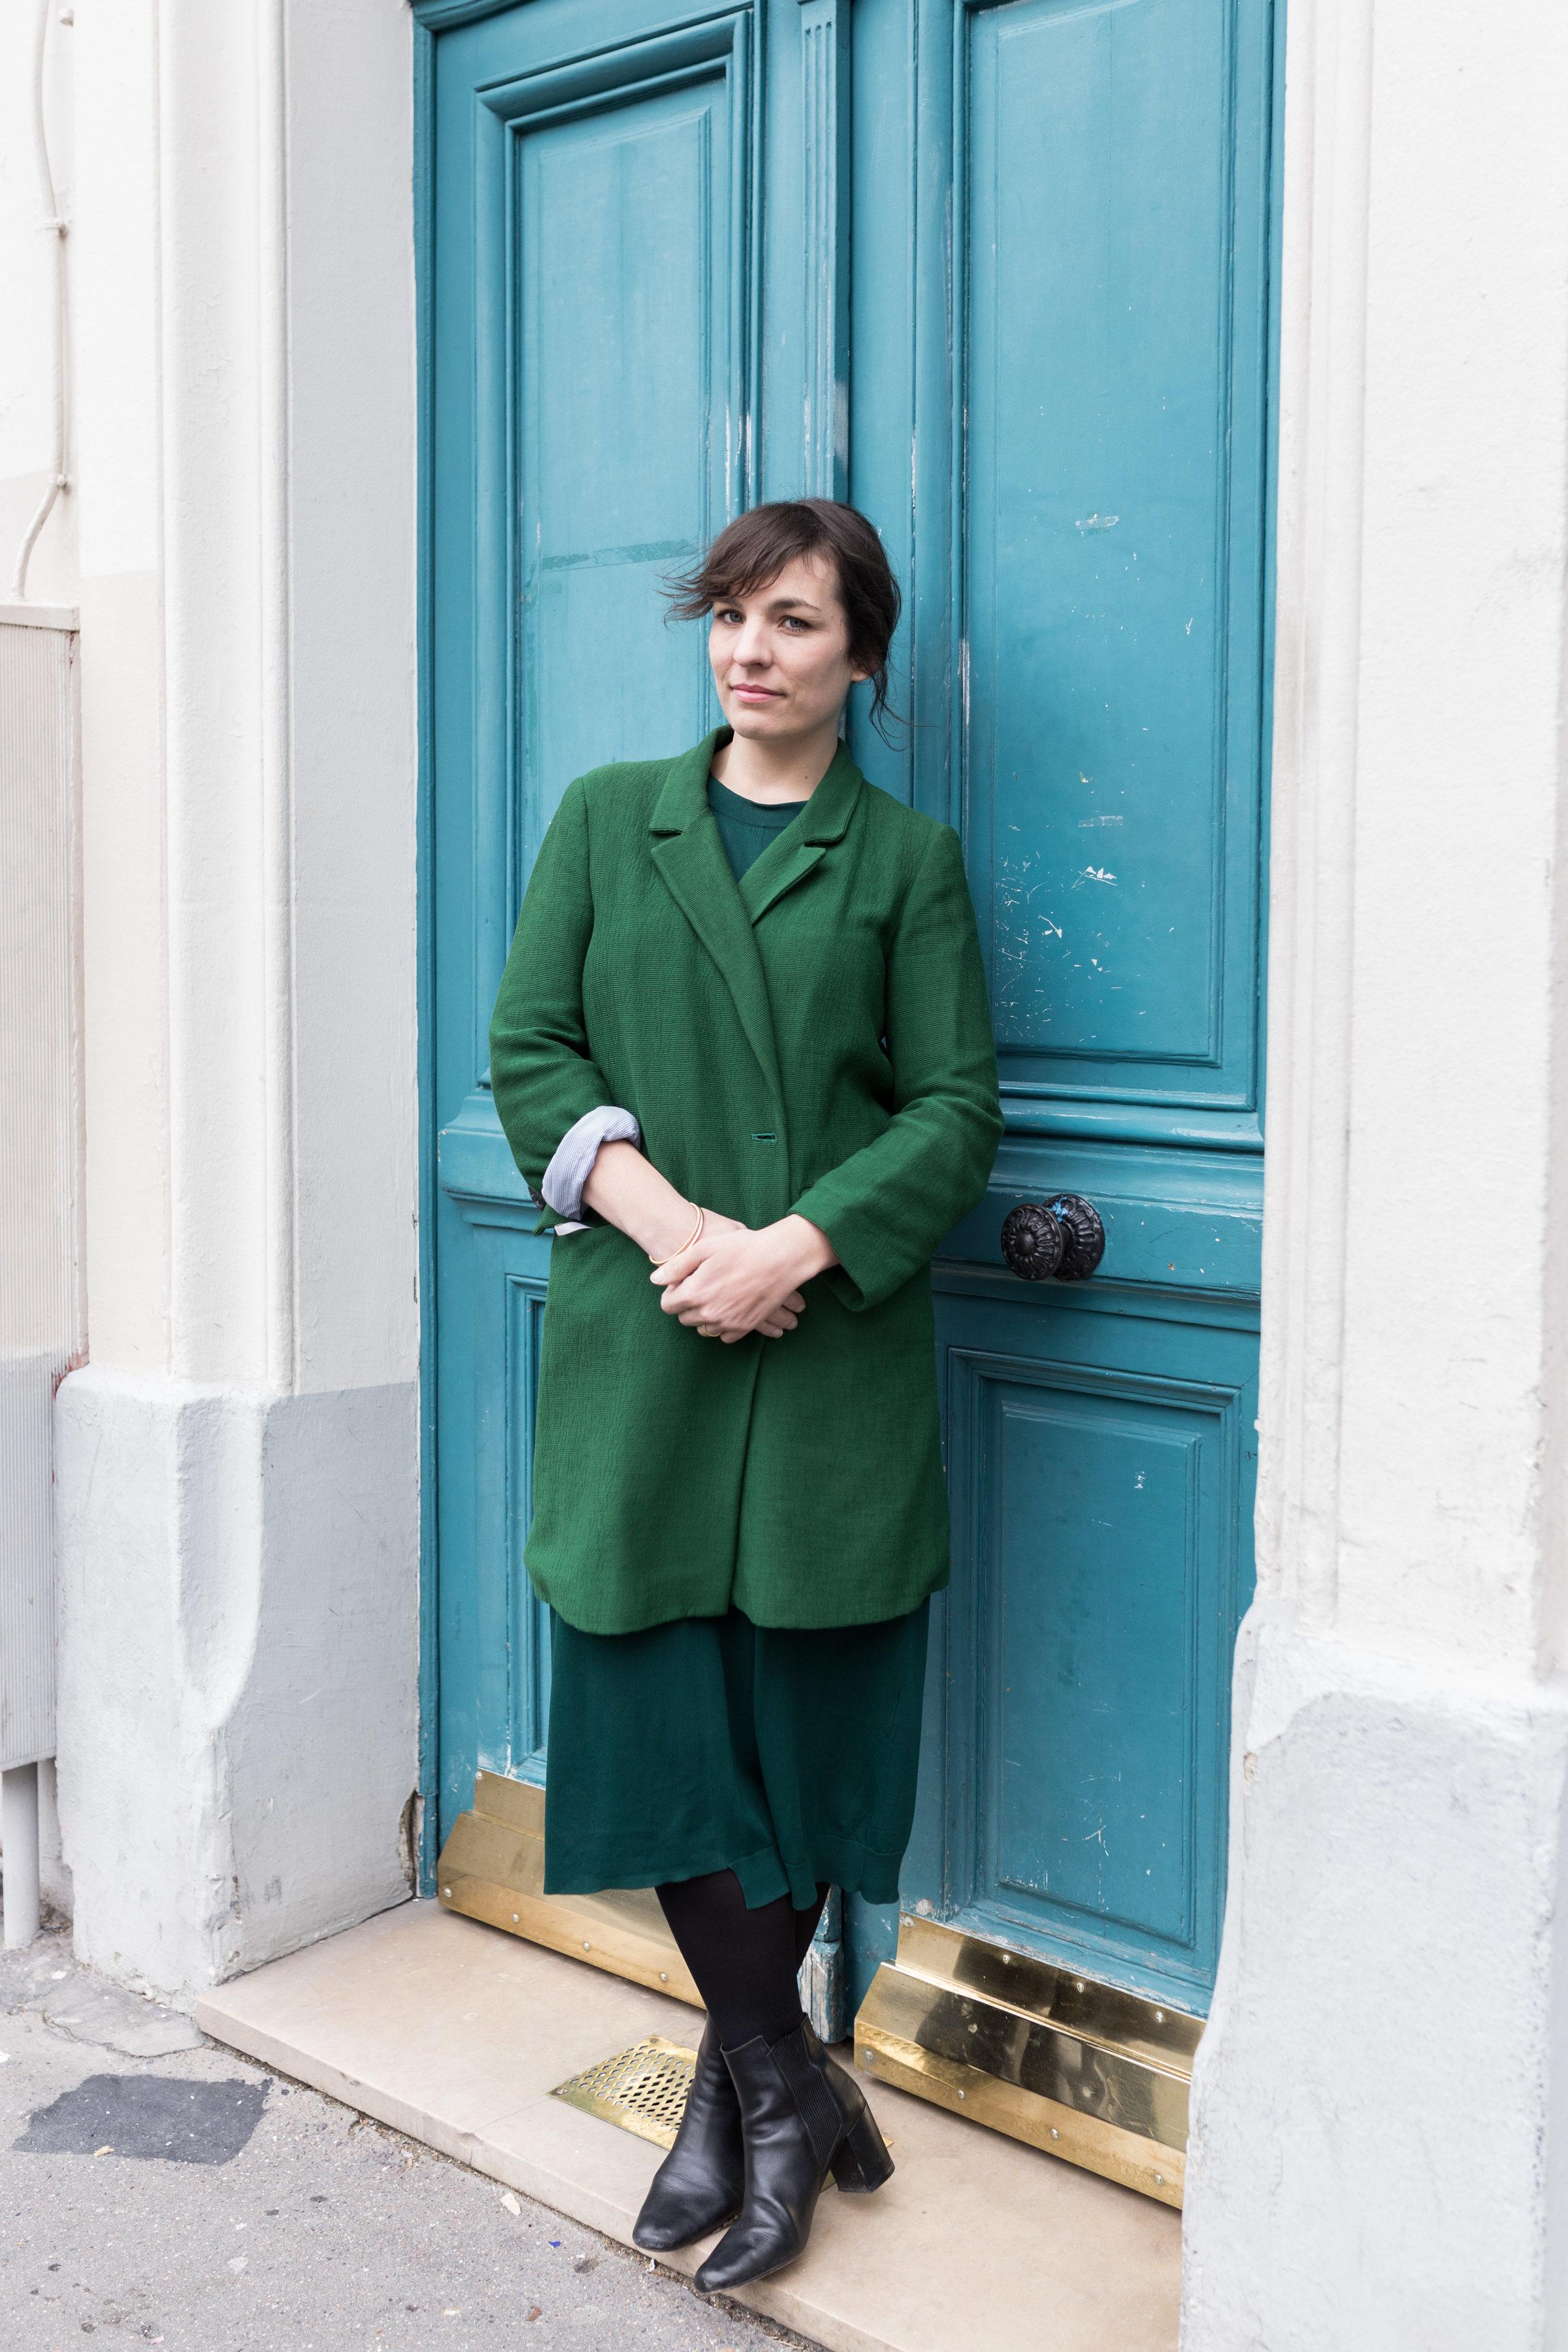 Coat: Zara, Dress: COS